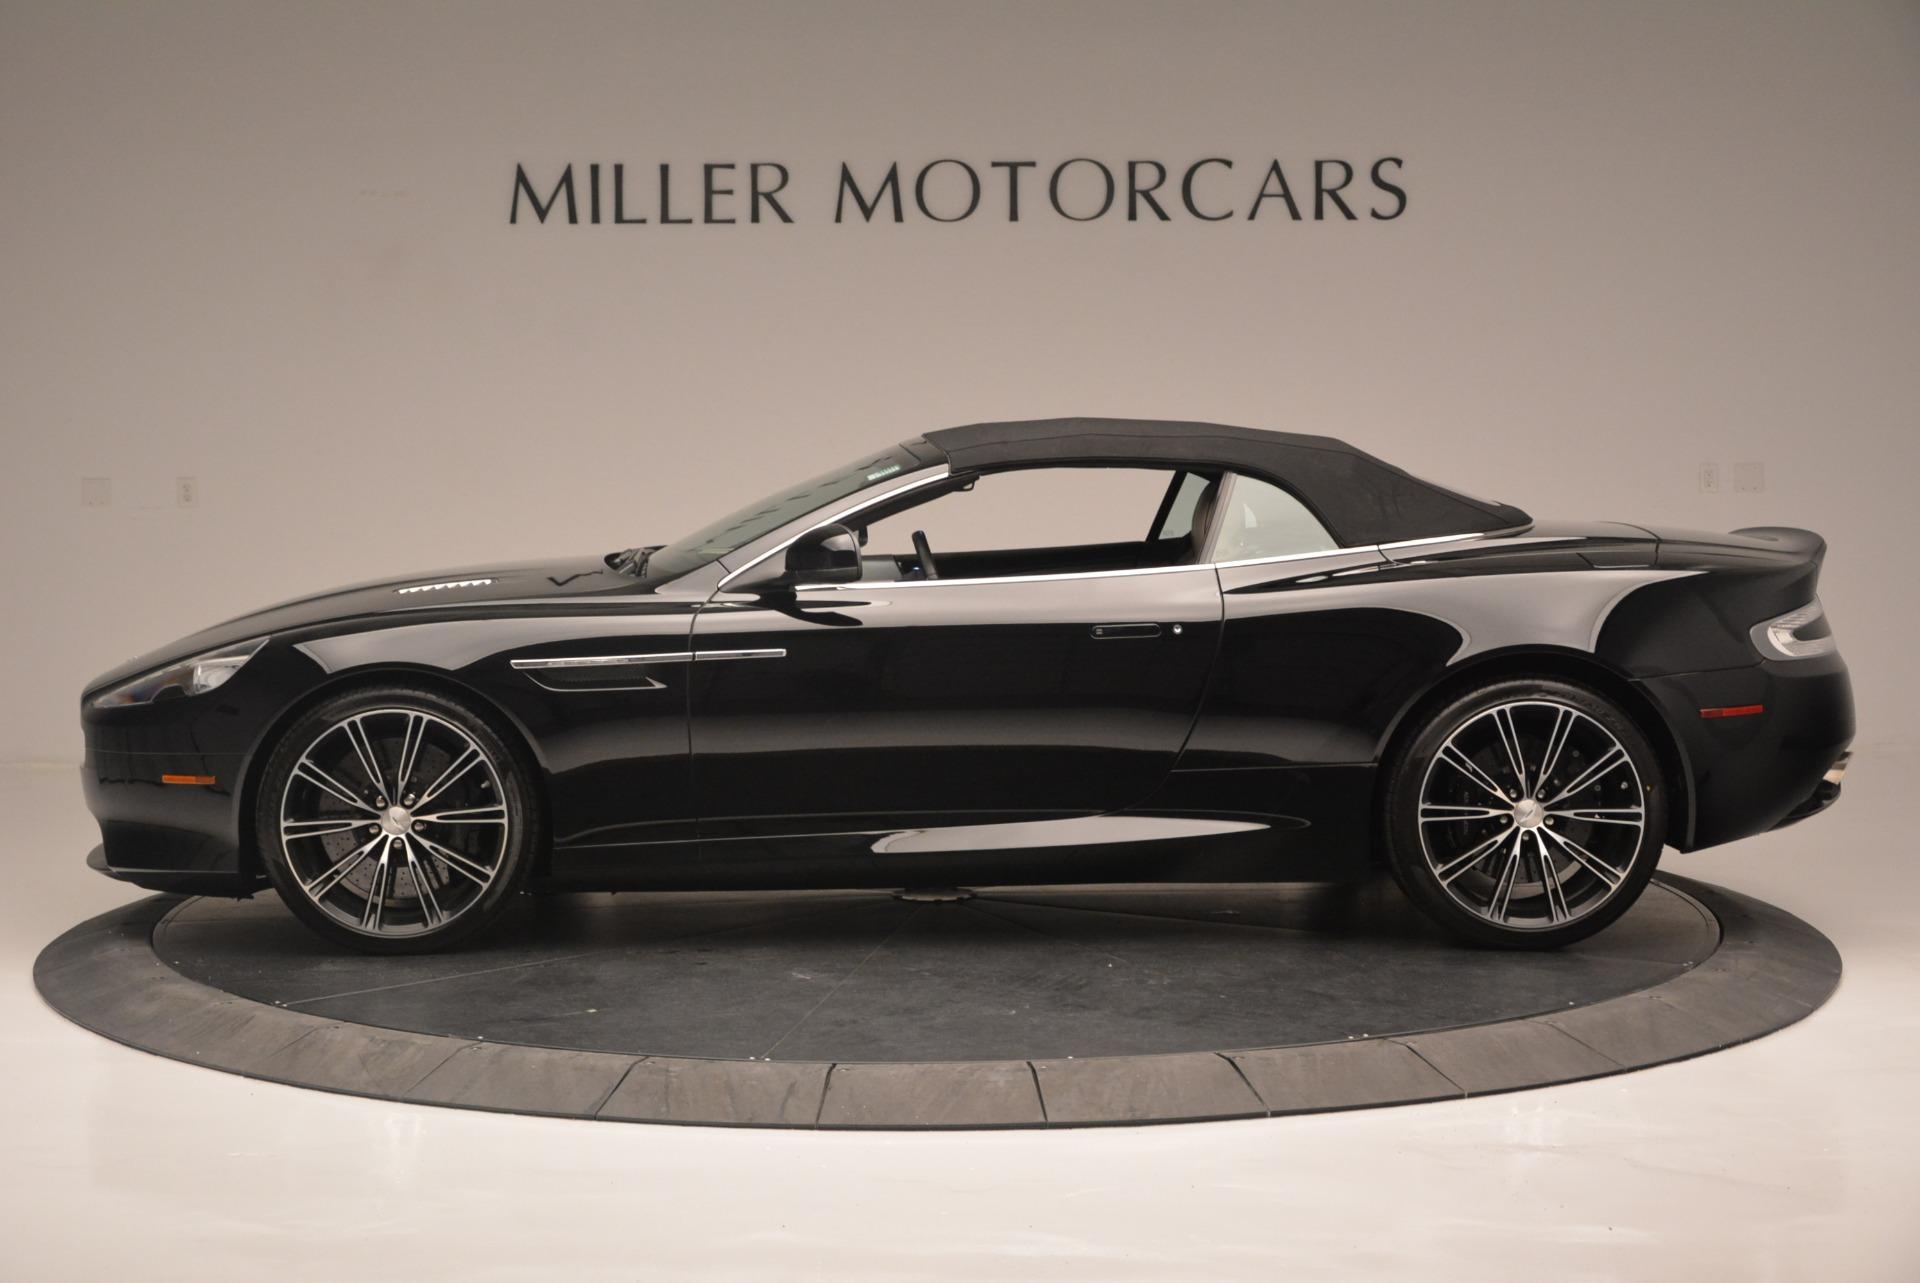 Used 2015 Aston Martin DB9 Volante For Sale In Greenwich, CT. Alfa Romeo of Greenwich, 7389 2318_p15